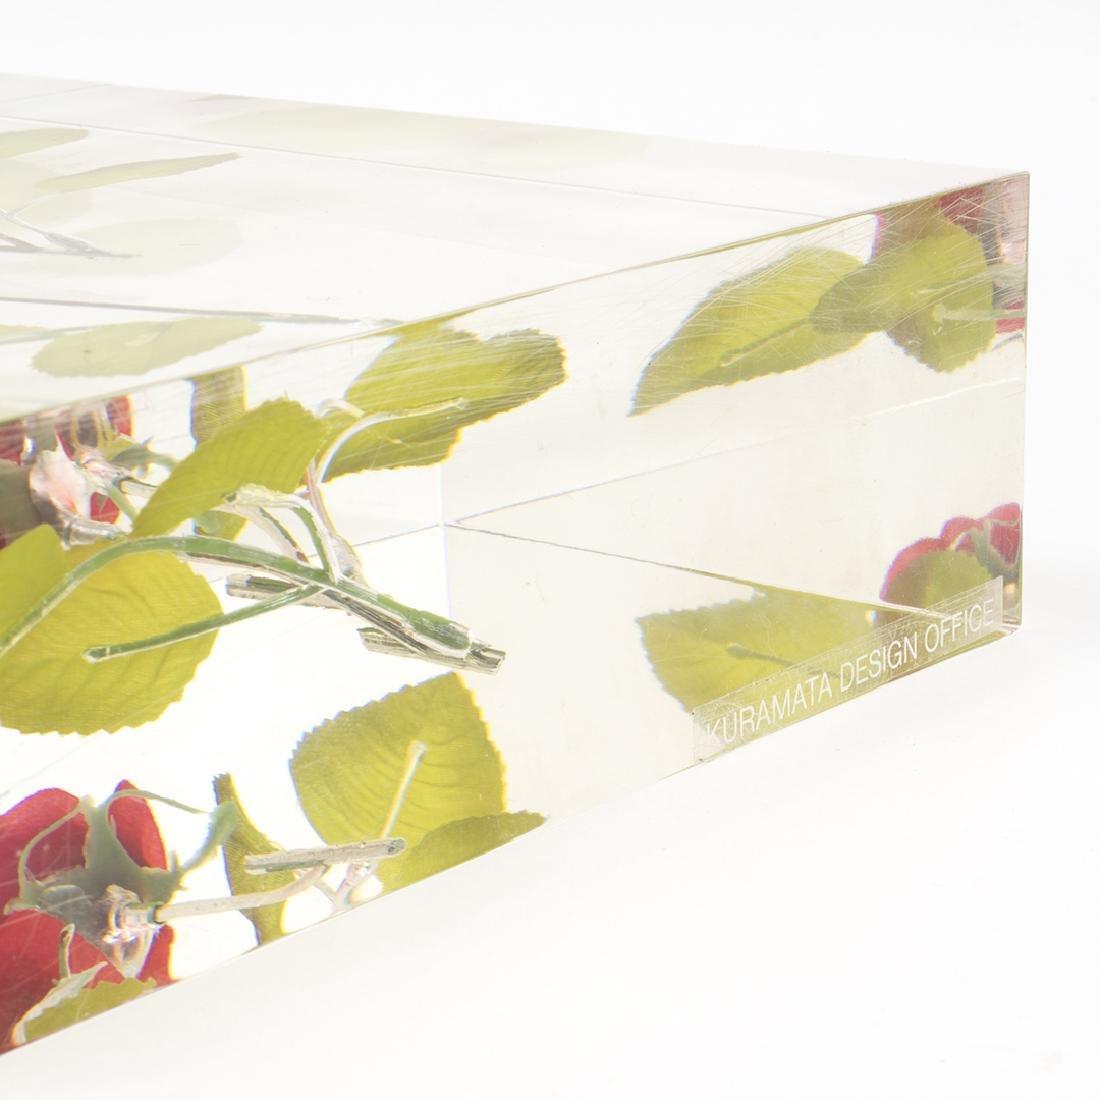 Shiro Kuramata Sealing of Roses - 4